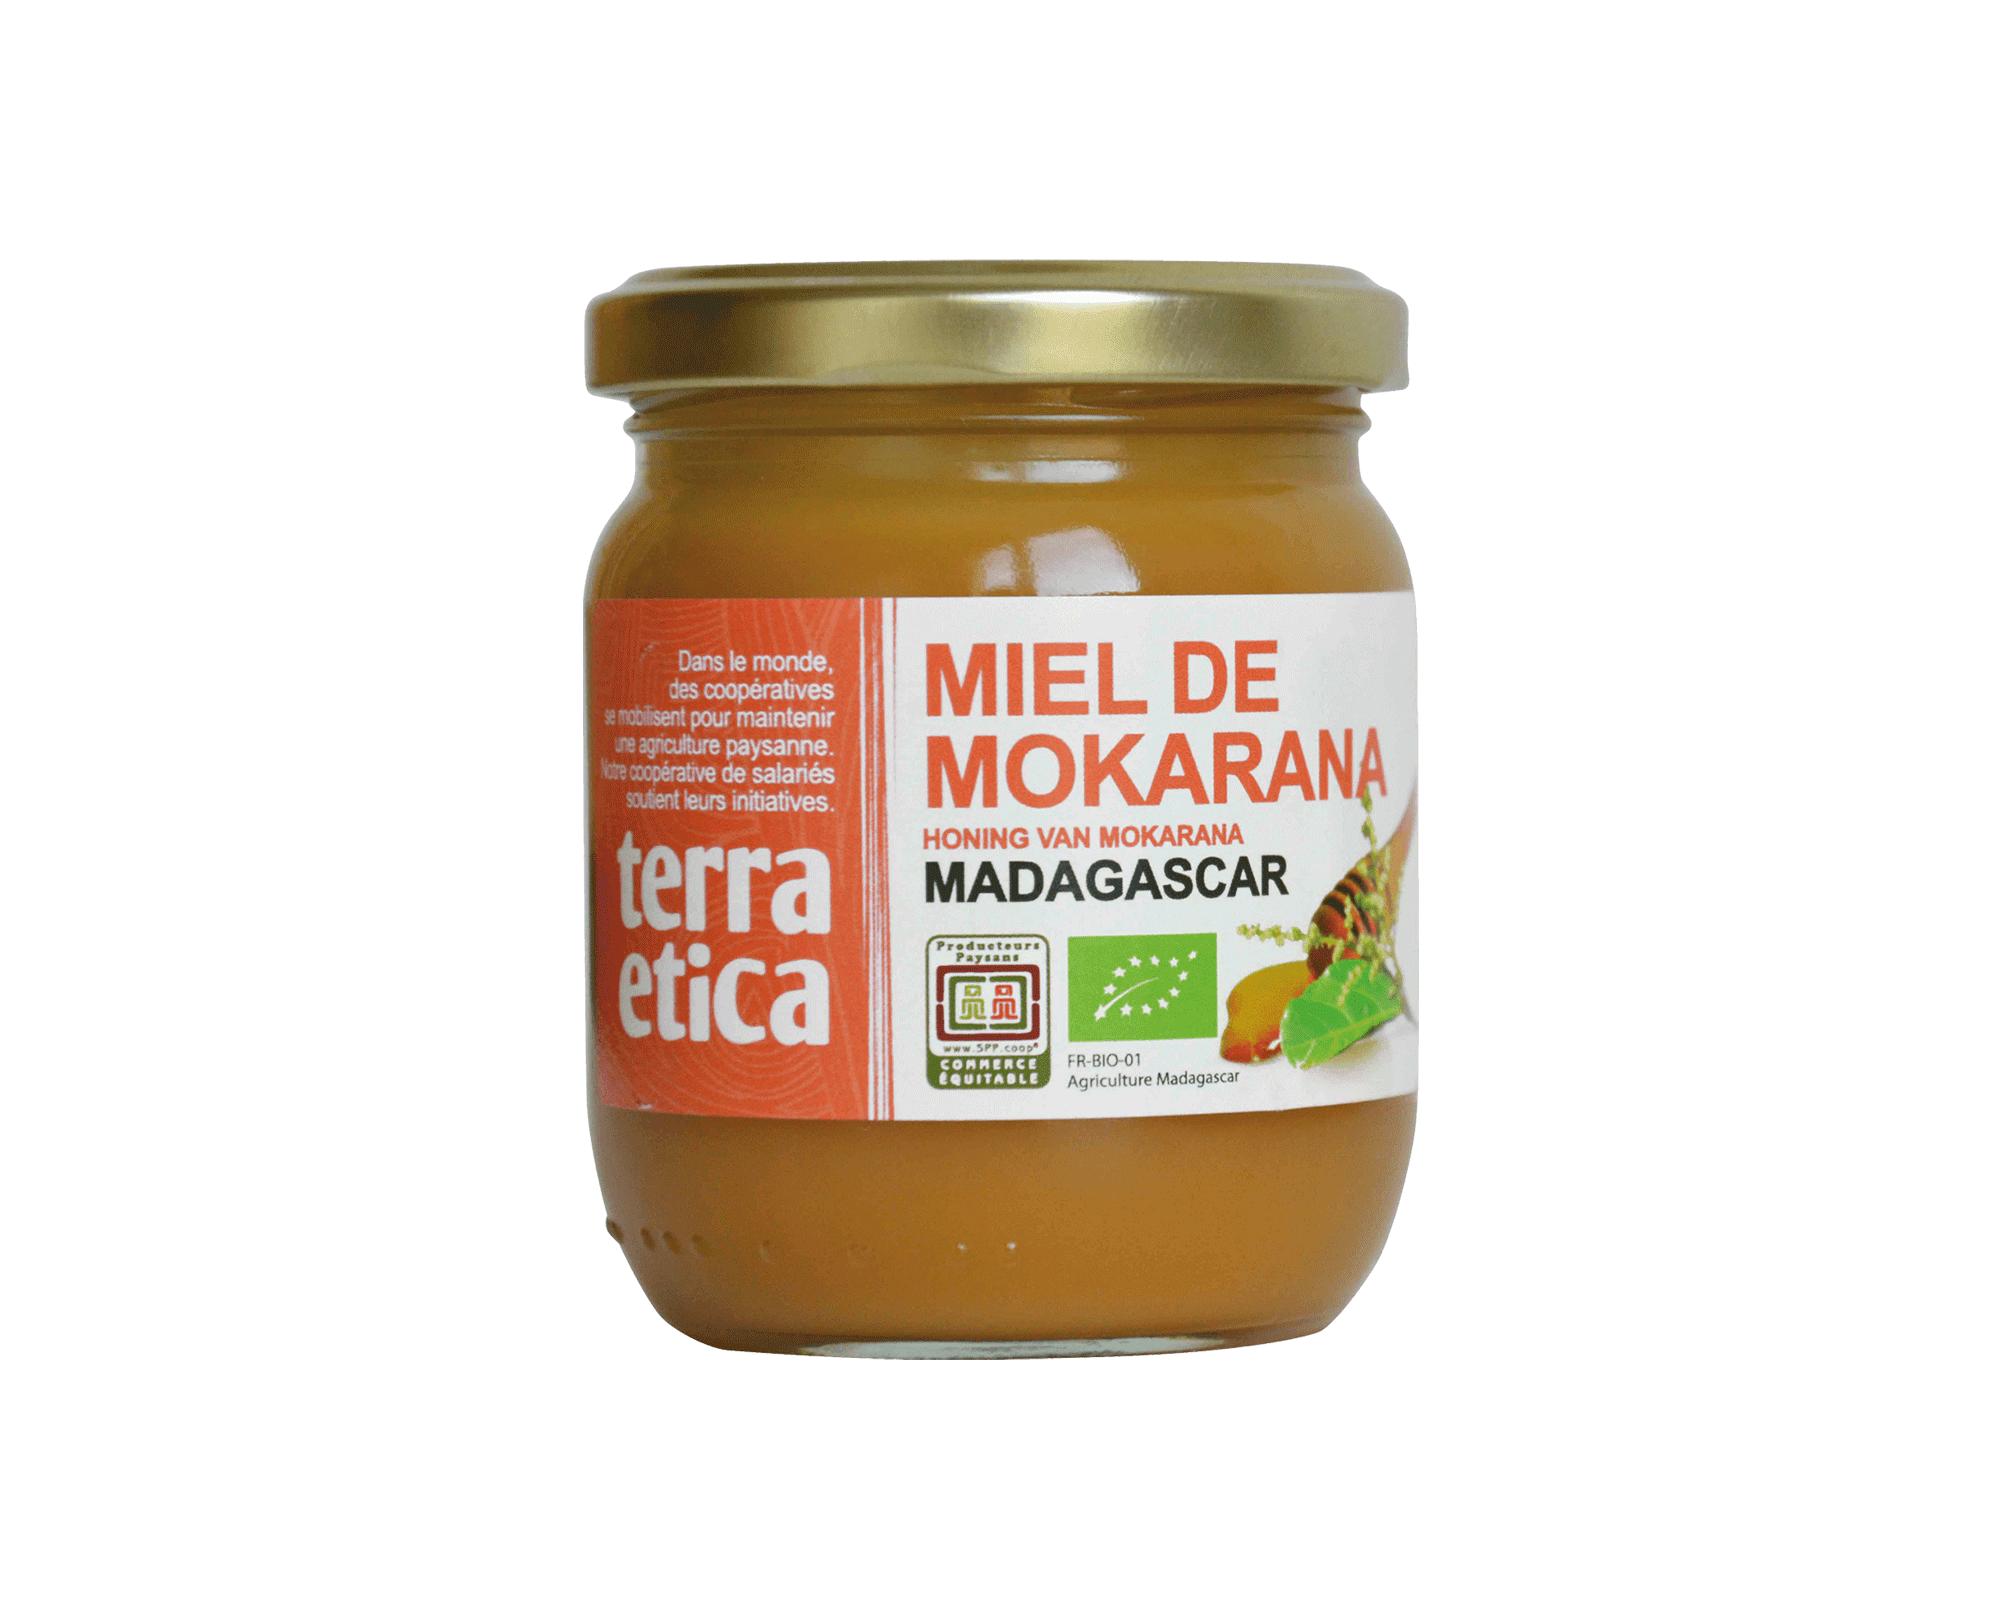 Miel de Mokarana de Madagascar bio et équitable I Terra Etica